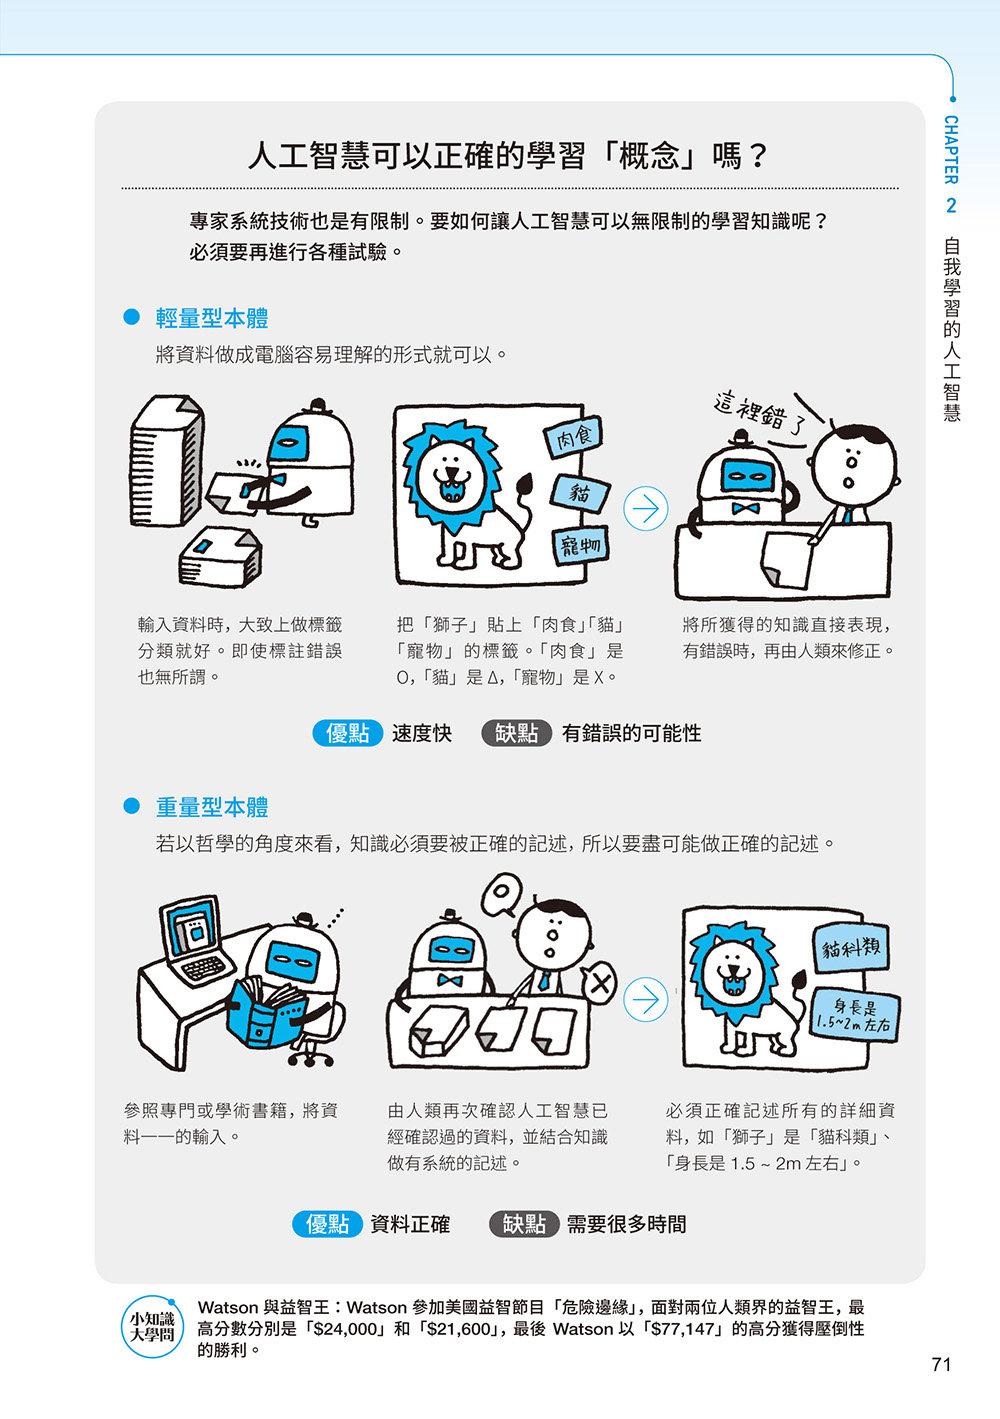 圖解 AI 人工智慧大未來:關於人工智慧一定要懂得 96 件事-preview-4